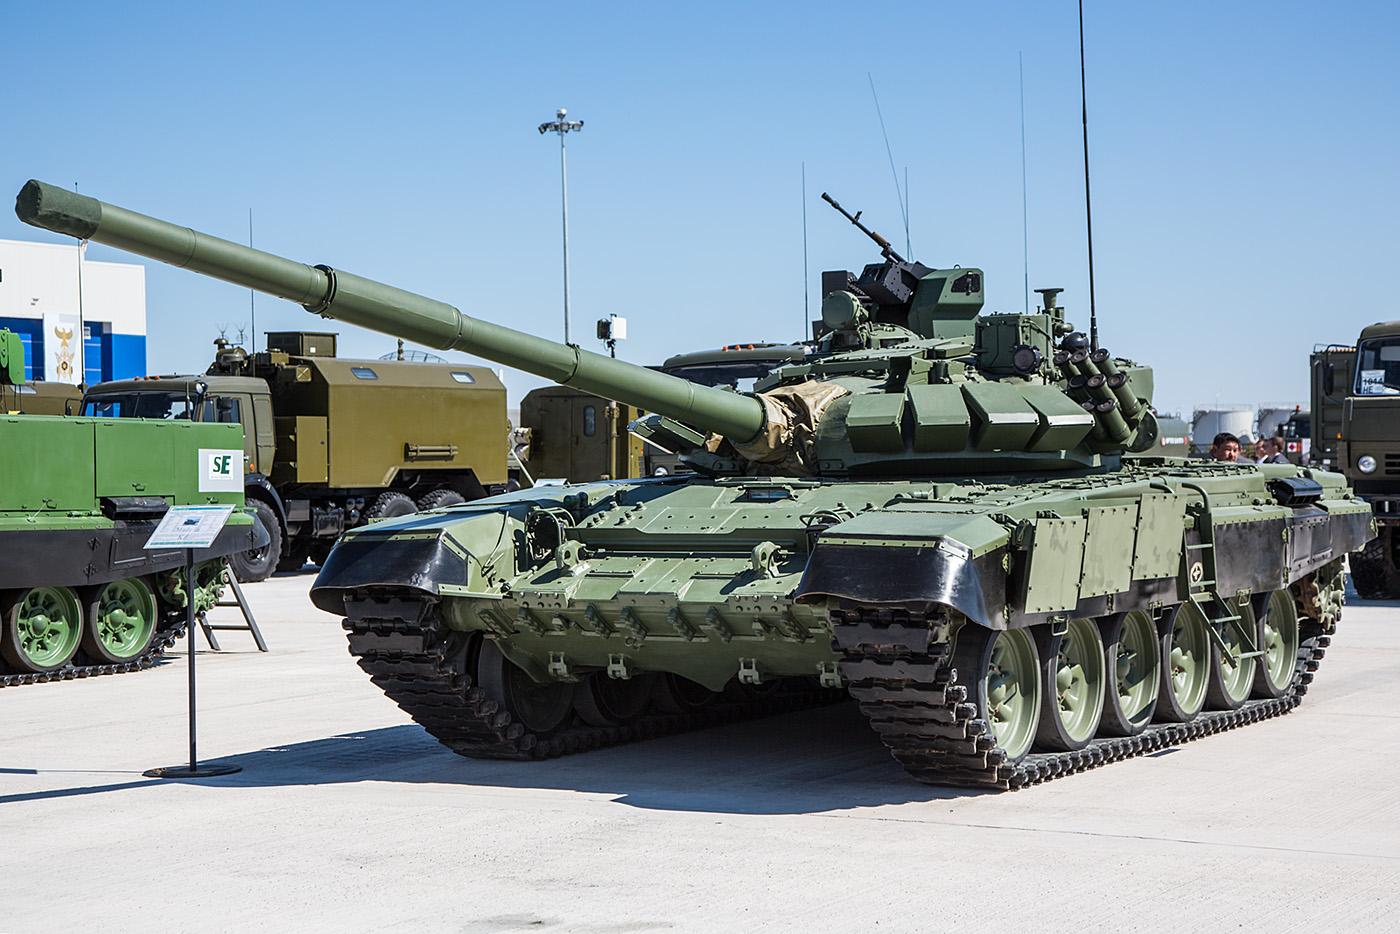 Moderner Kampfpanzer auf Basis des T-72